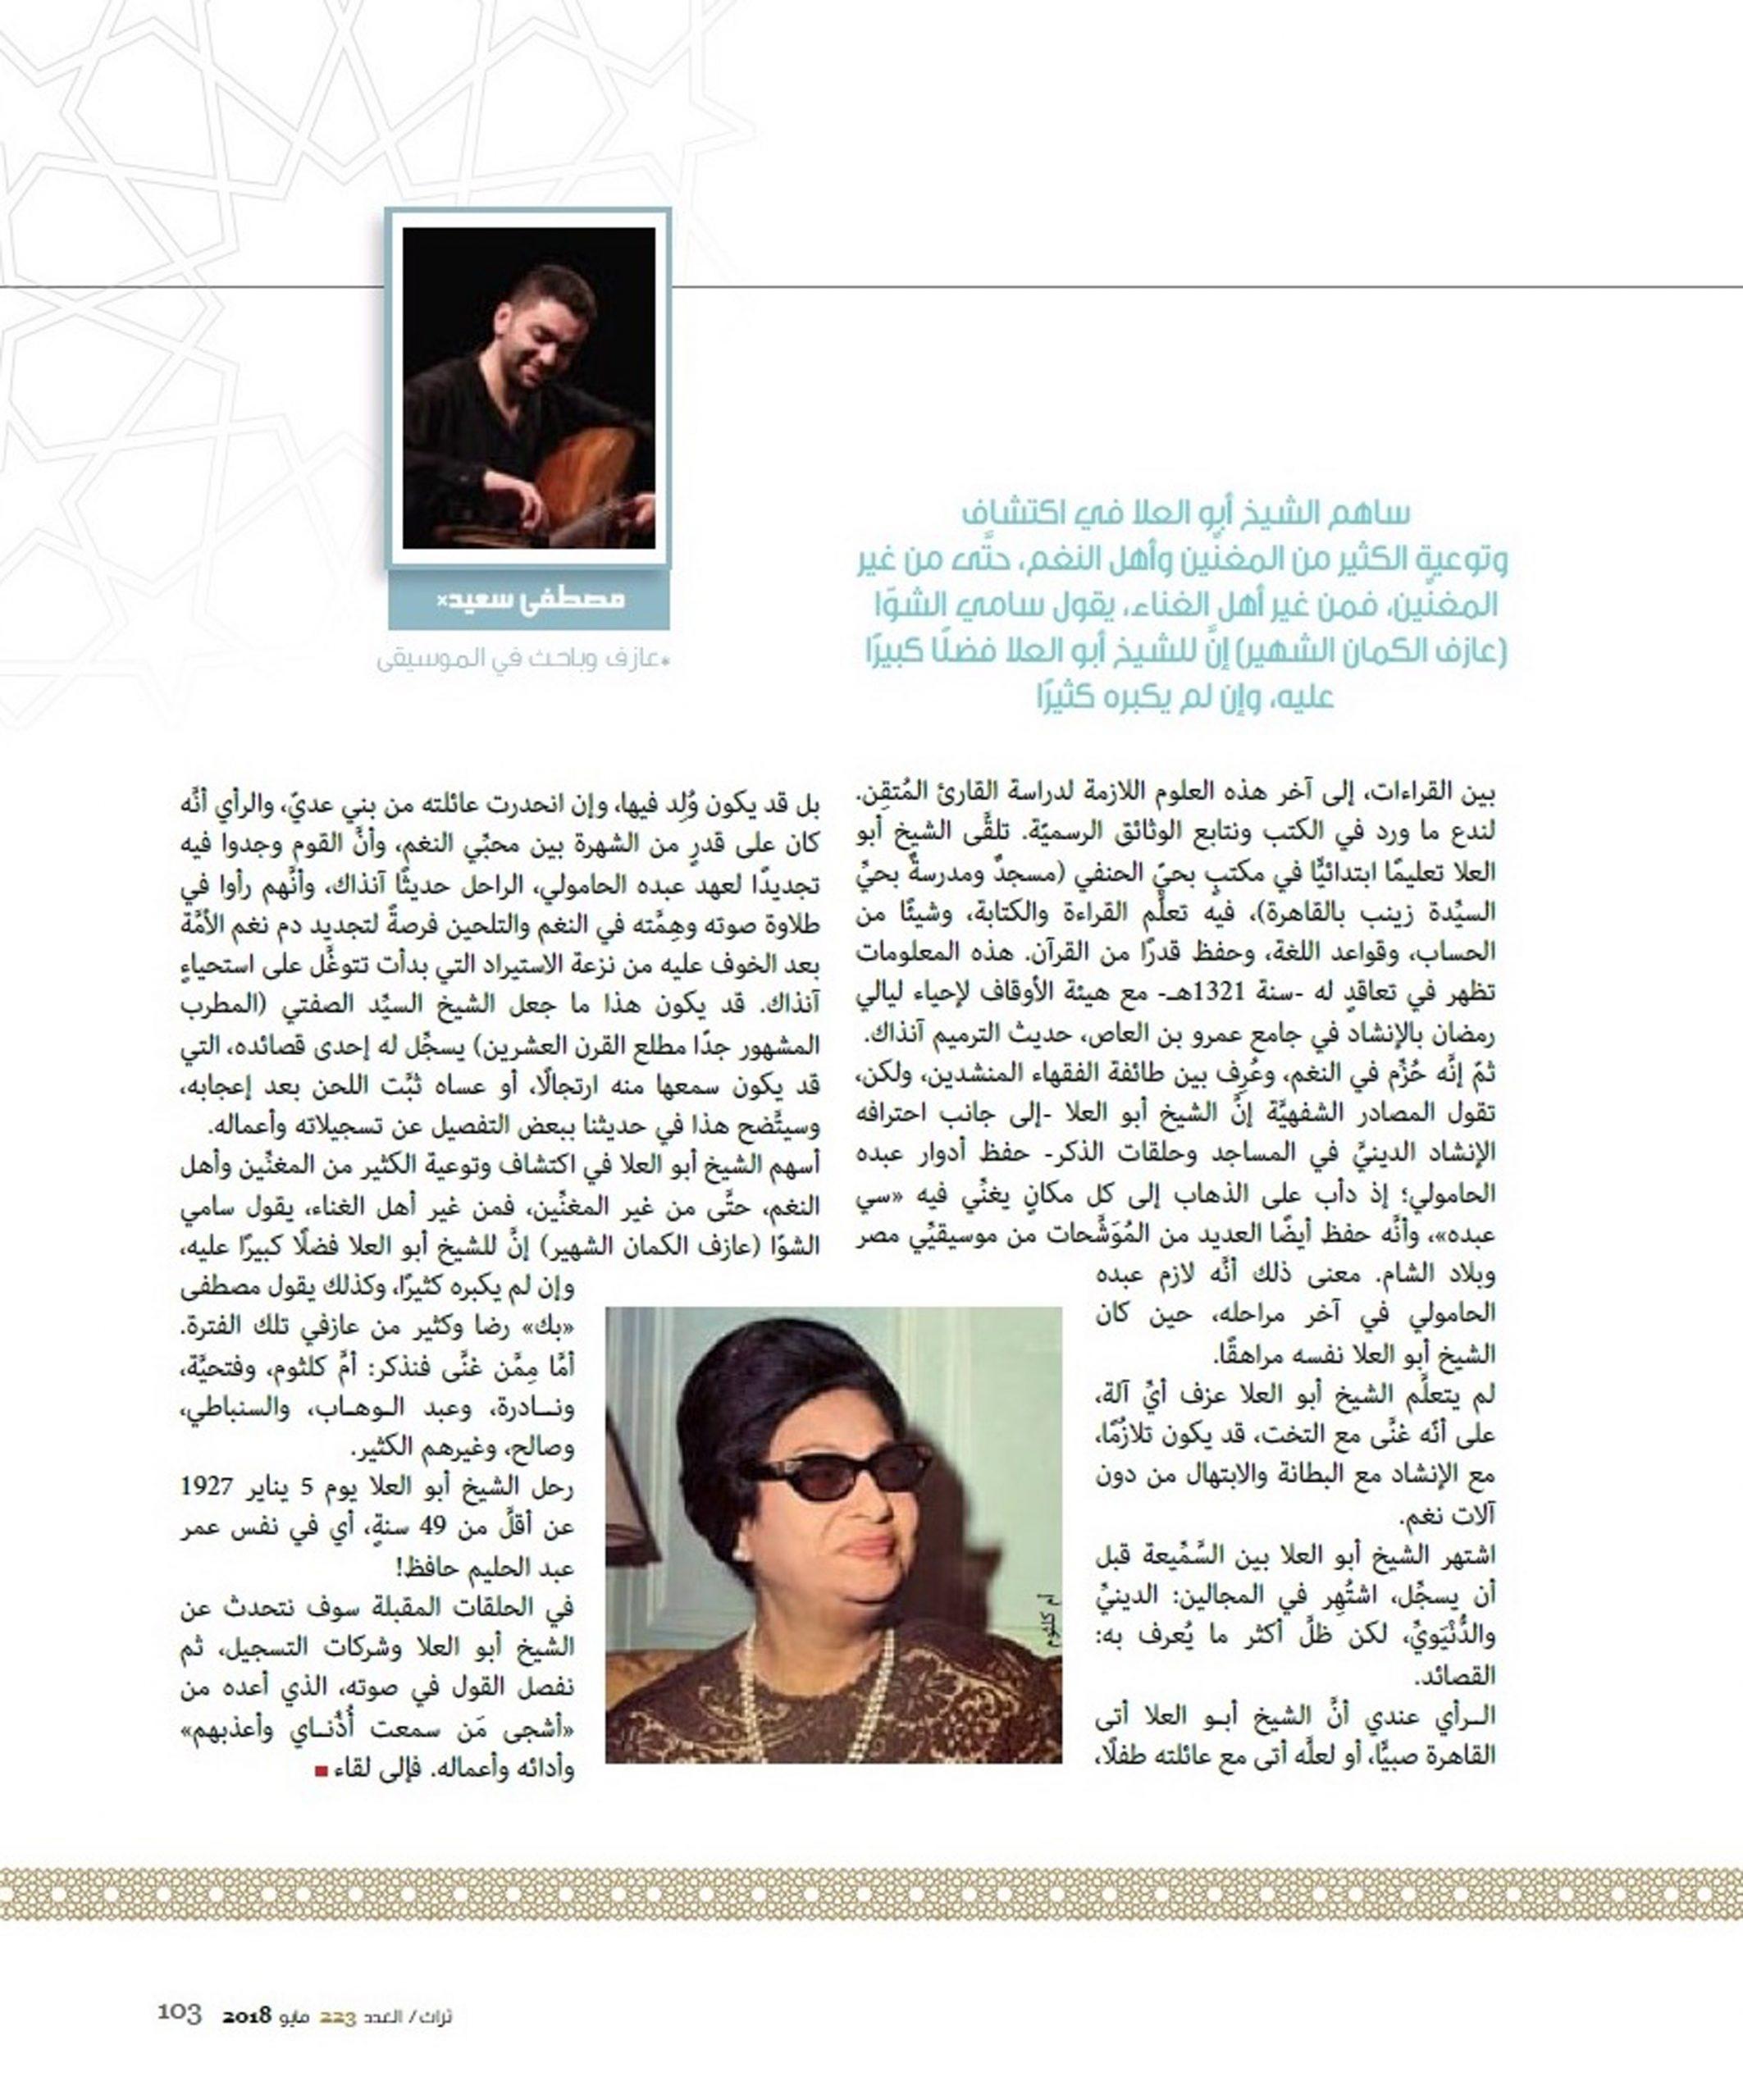 الشيخ-أبو-العلا-2